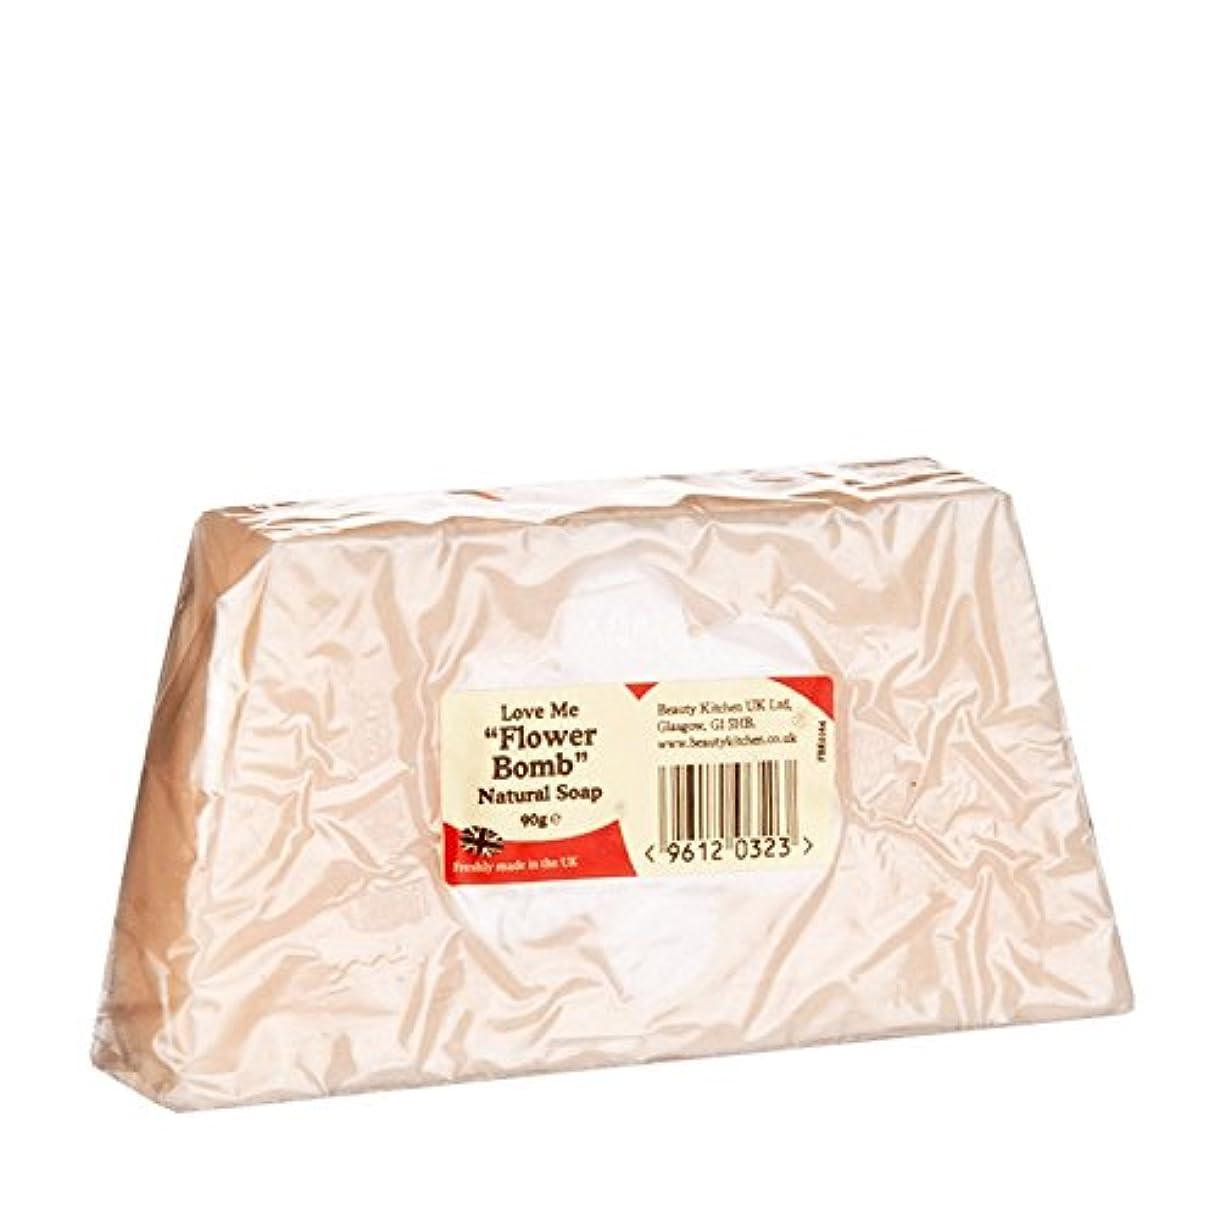 結核家庭教師ダイジェストBeauty Kitchen Love Me Flower Bomb Natural Soap 90g (Pack of 2) - 美しさのキッチンは私に花爆弾の天然石鹸90グラムを愛し (x2) [並行輸入品]